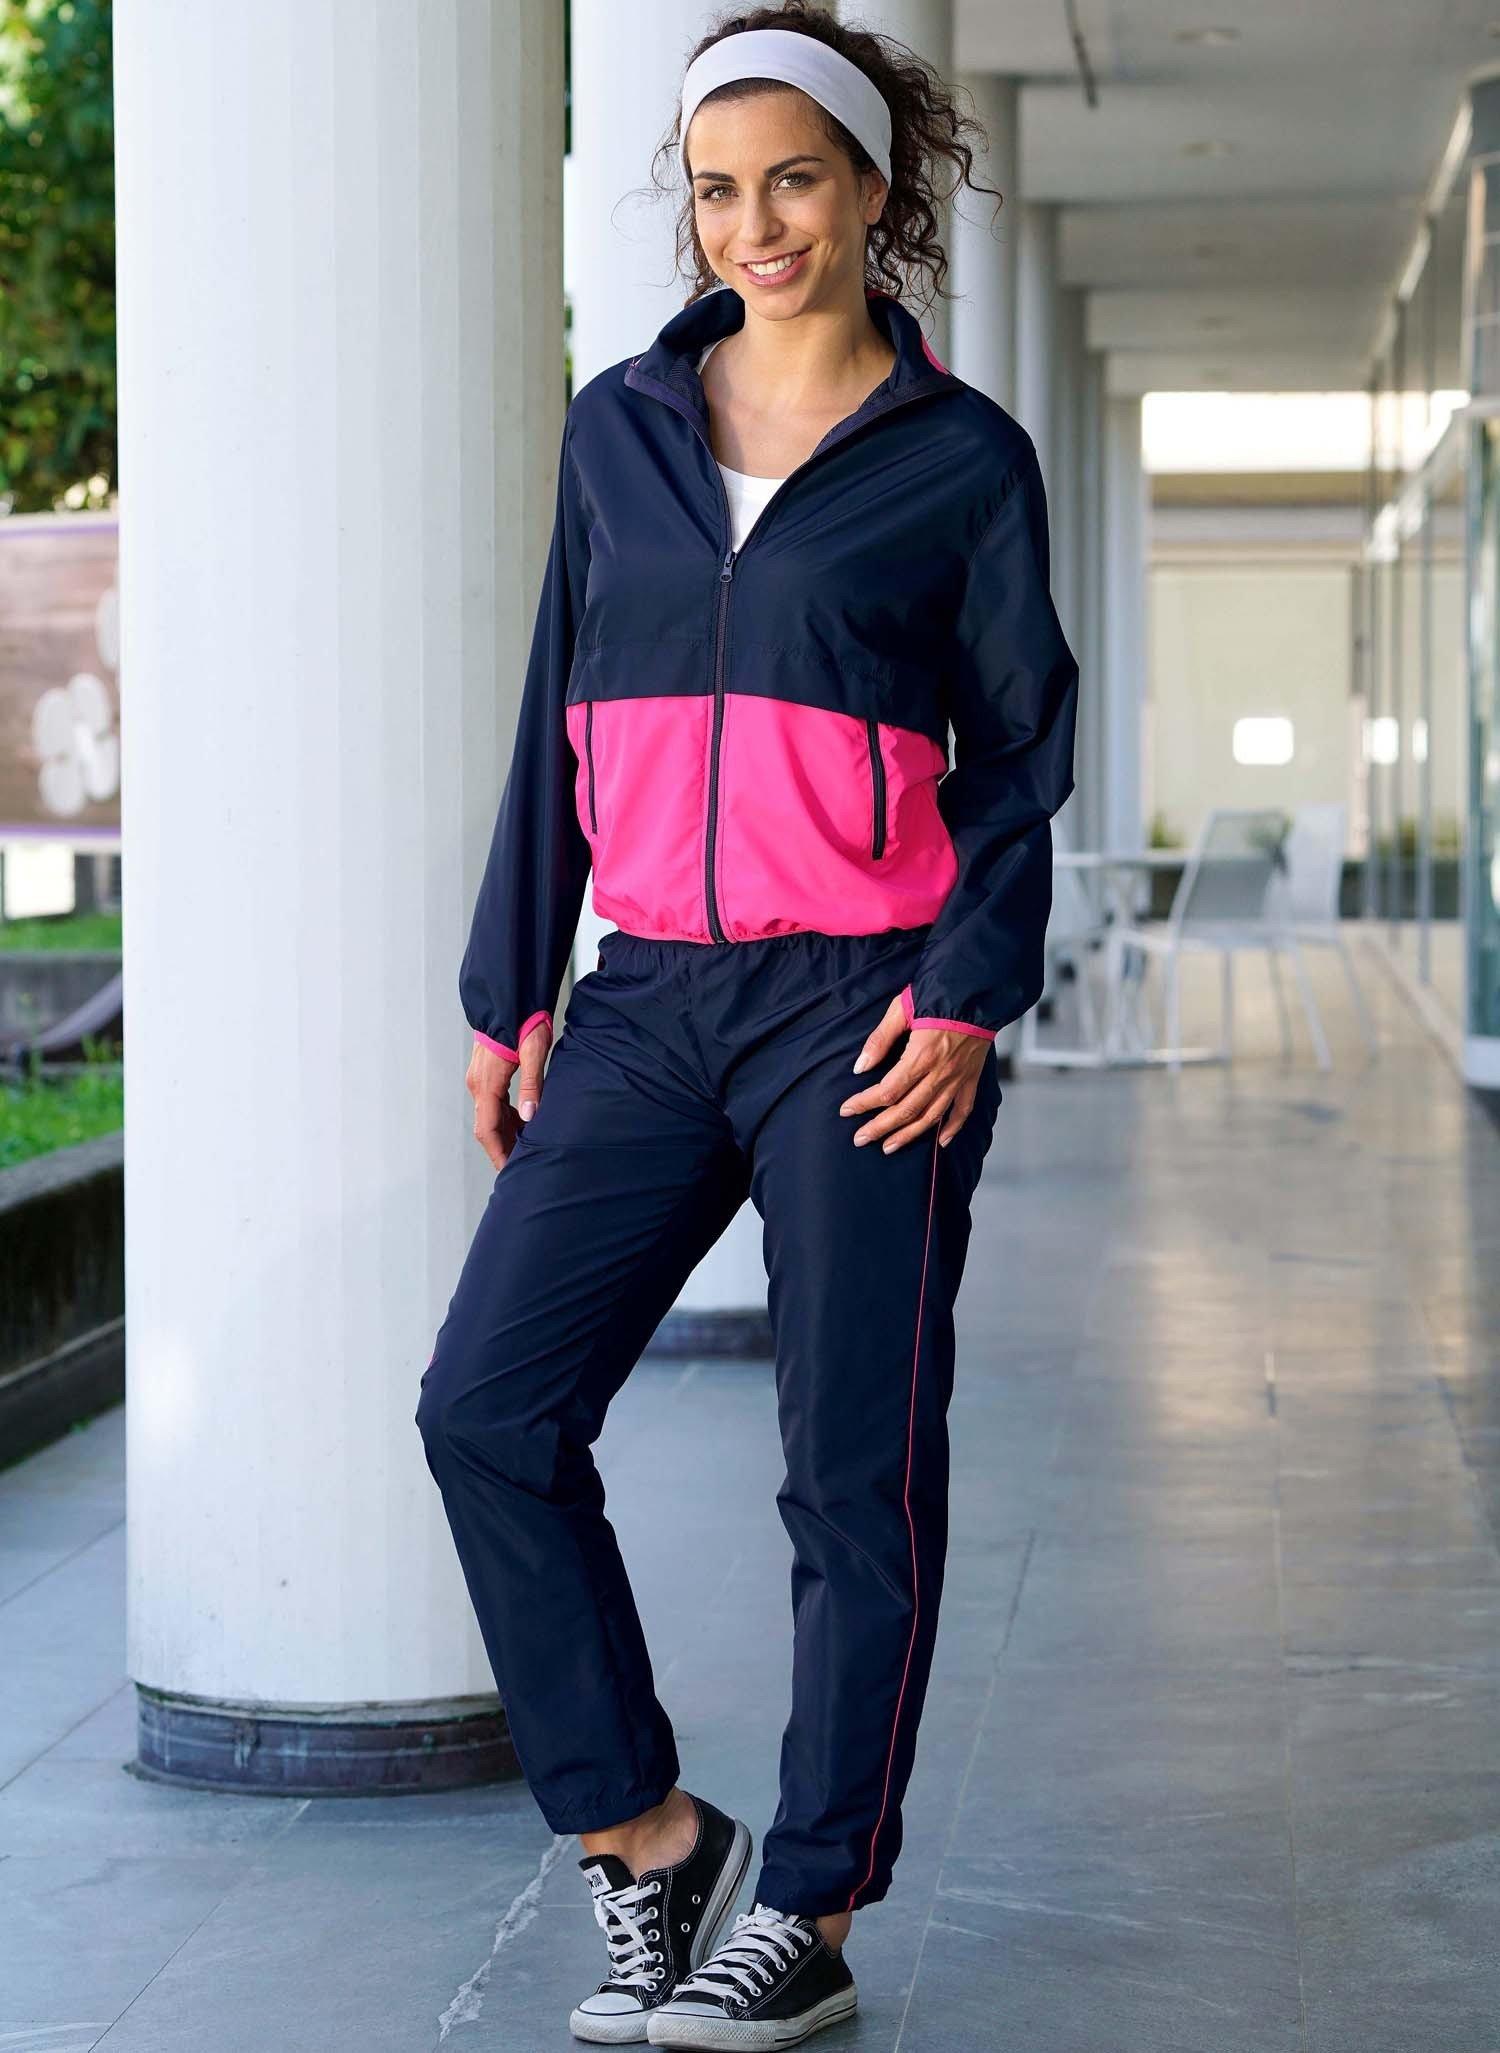 D-Jogging-Anzug marine/pink L 116 - 1 - Ronja.ch